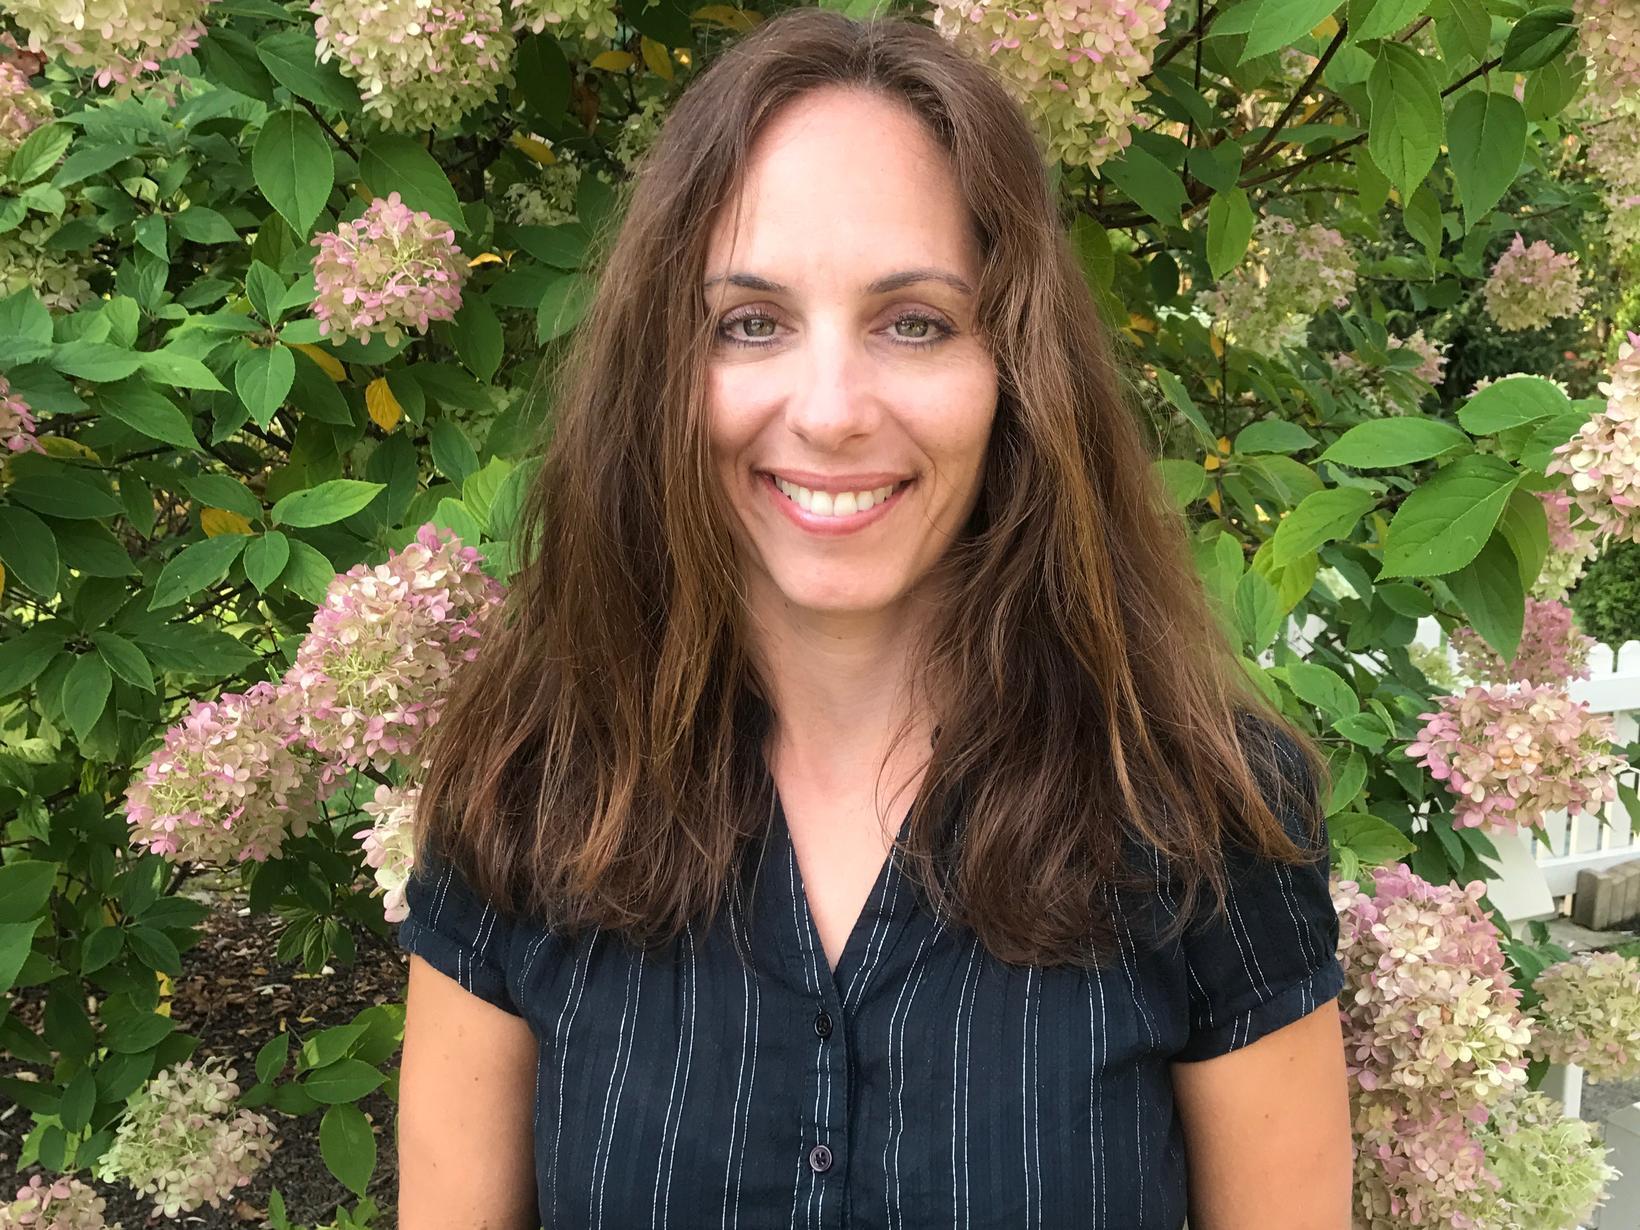 Jessica from Denver, Colorado, United States